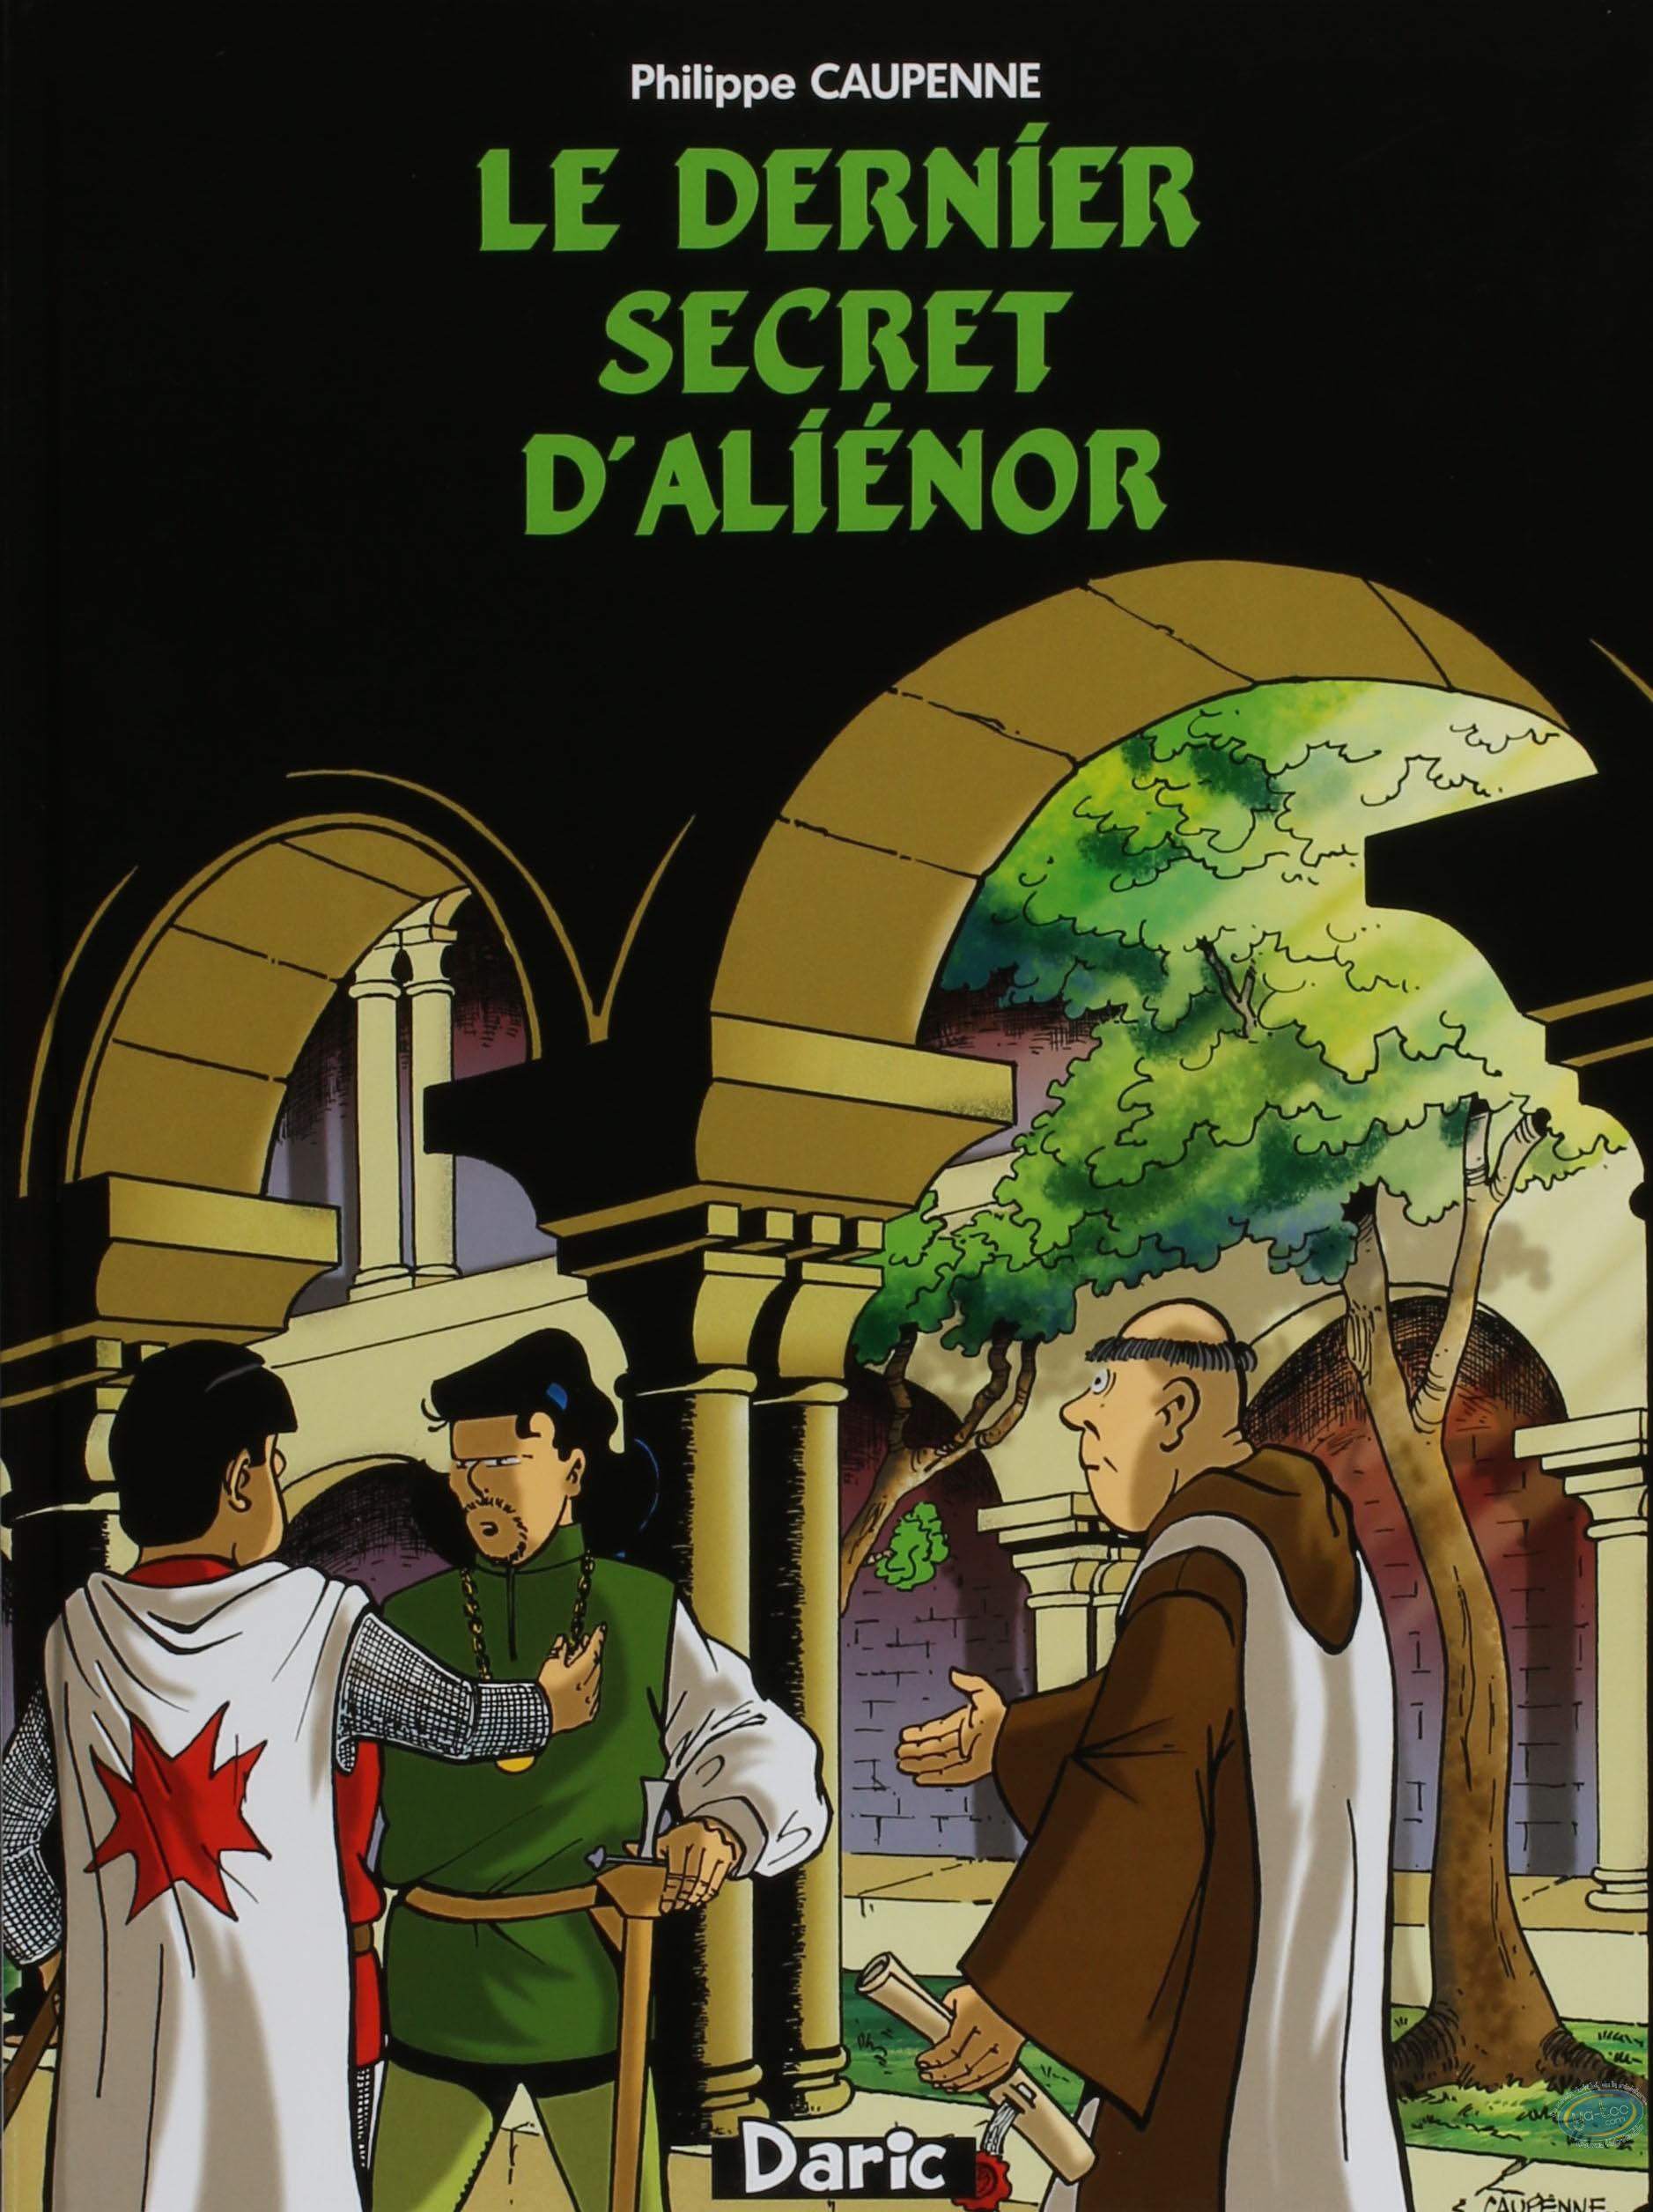 BD occasion, Dernier secret d'Aliénor (Le) : Le dernier secret d'aliénor